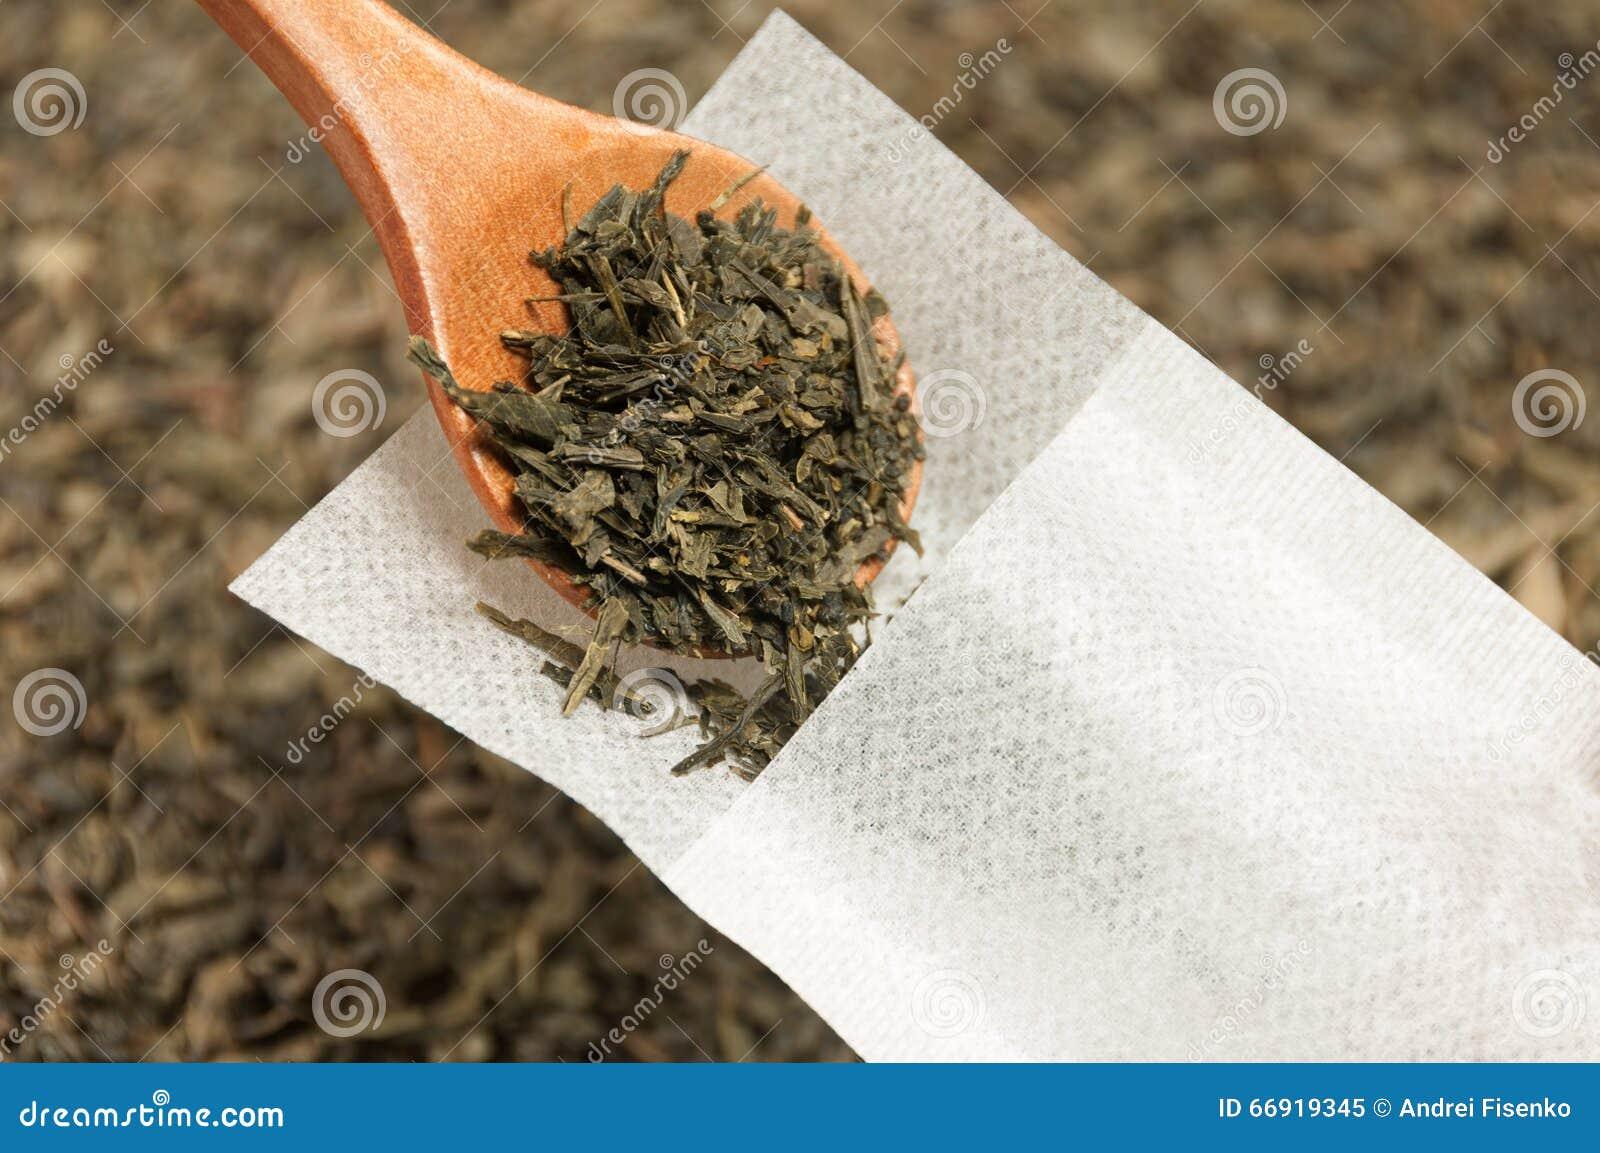 Το πράσινο τσάι γεμίζουν με το ξύλινο κουτάλι σε ένα ειδικό φίλτρο τσαγιού